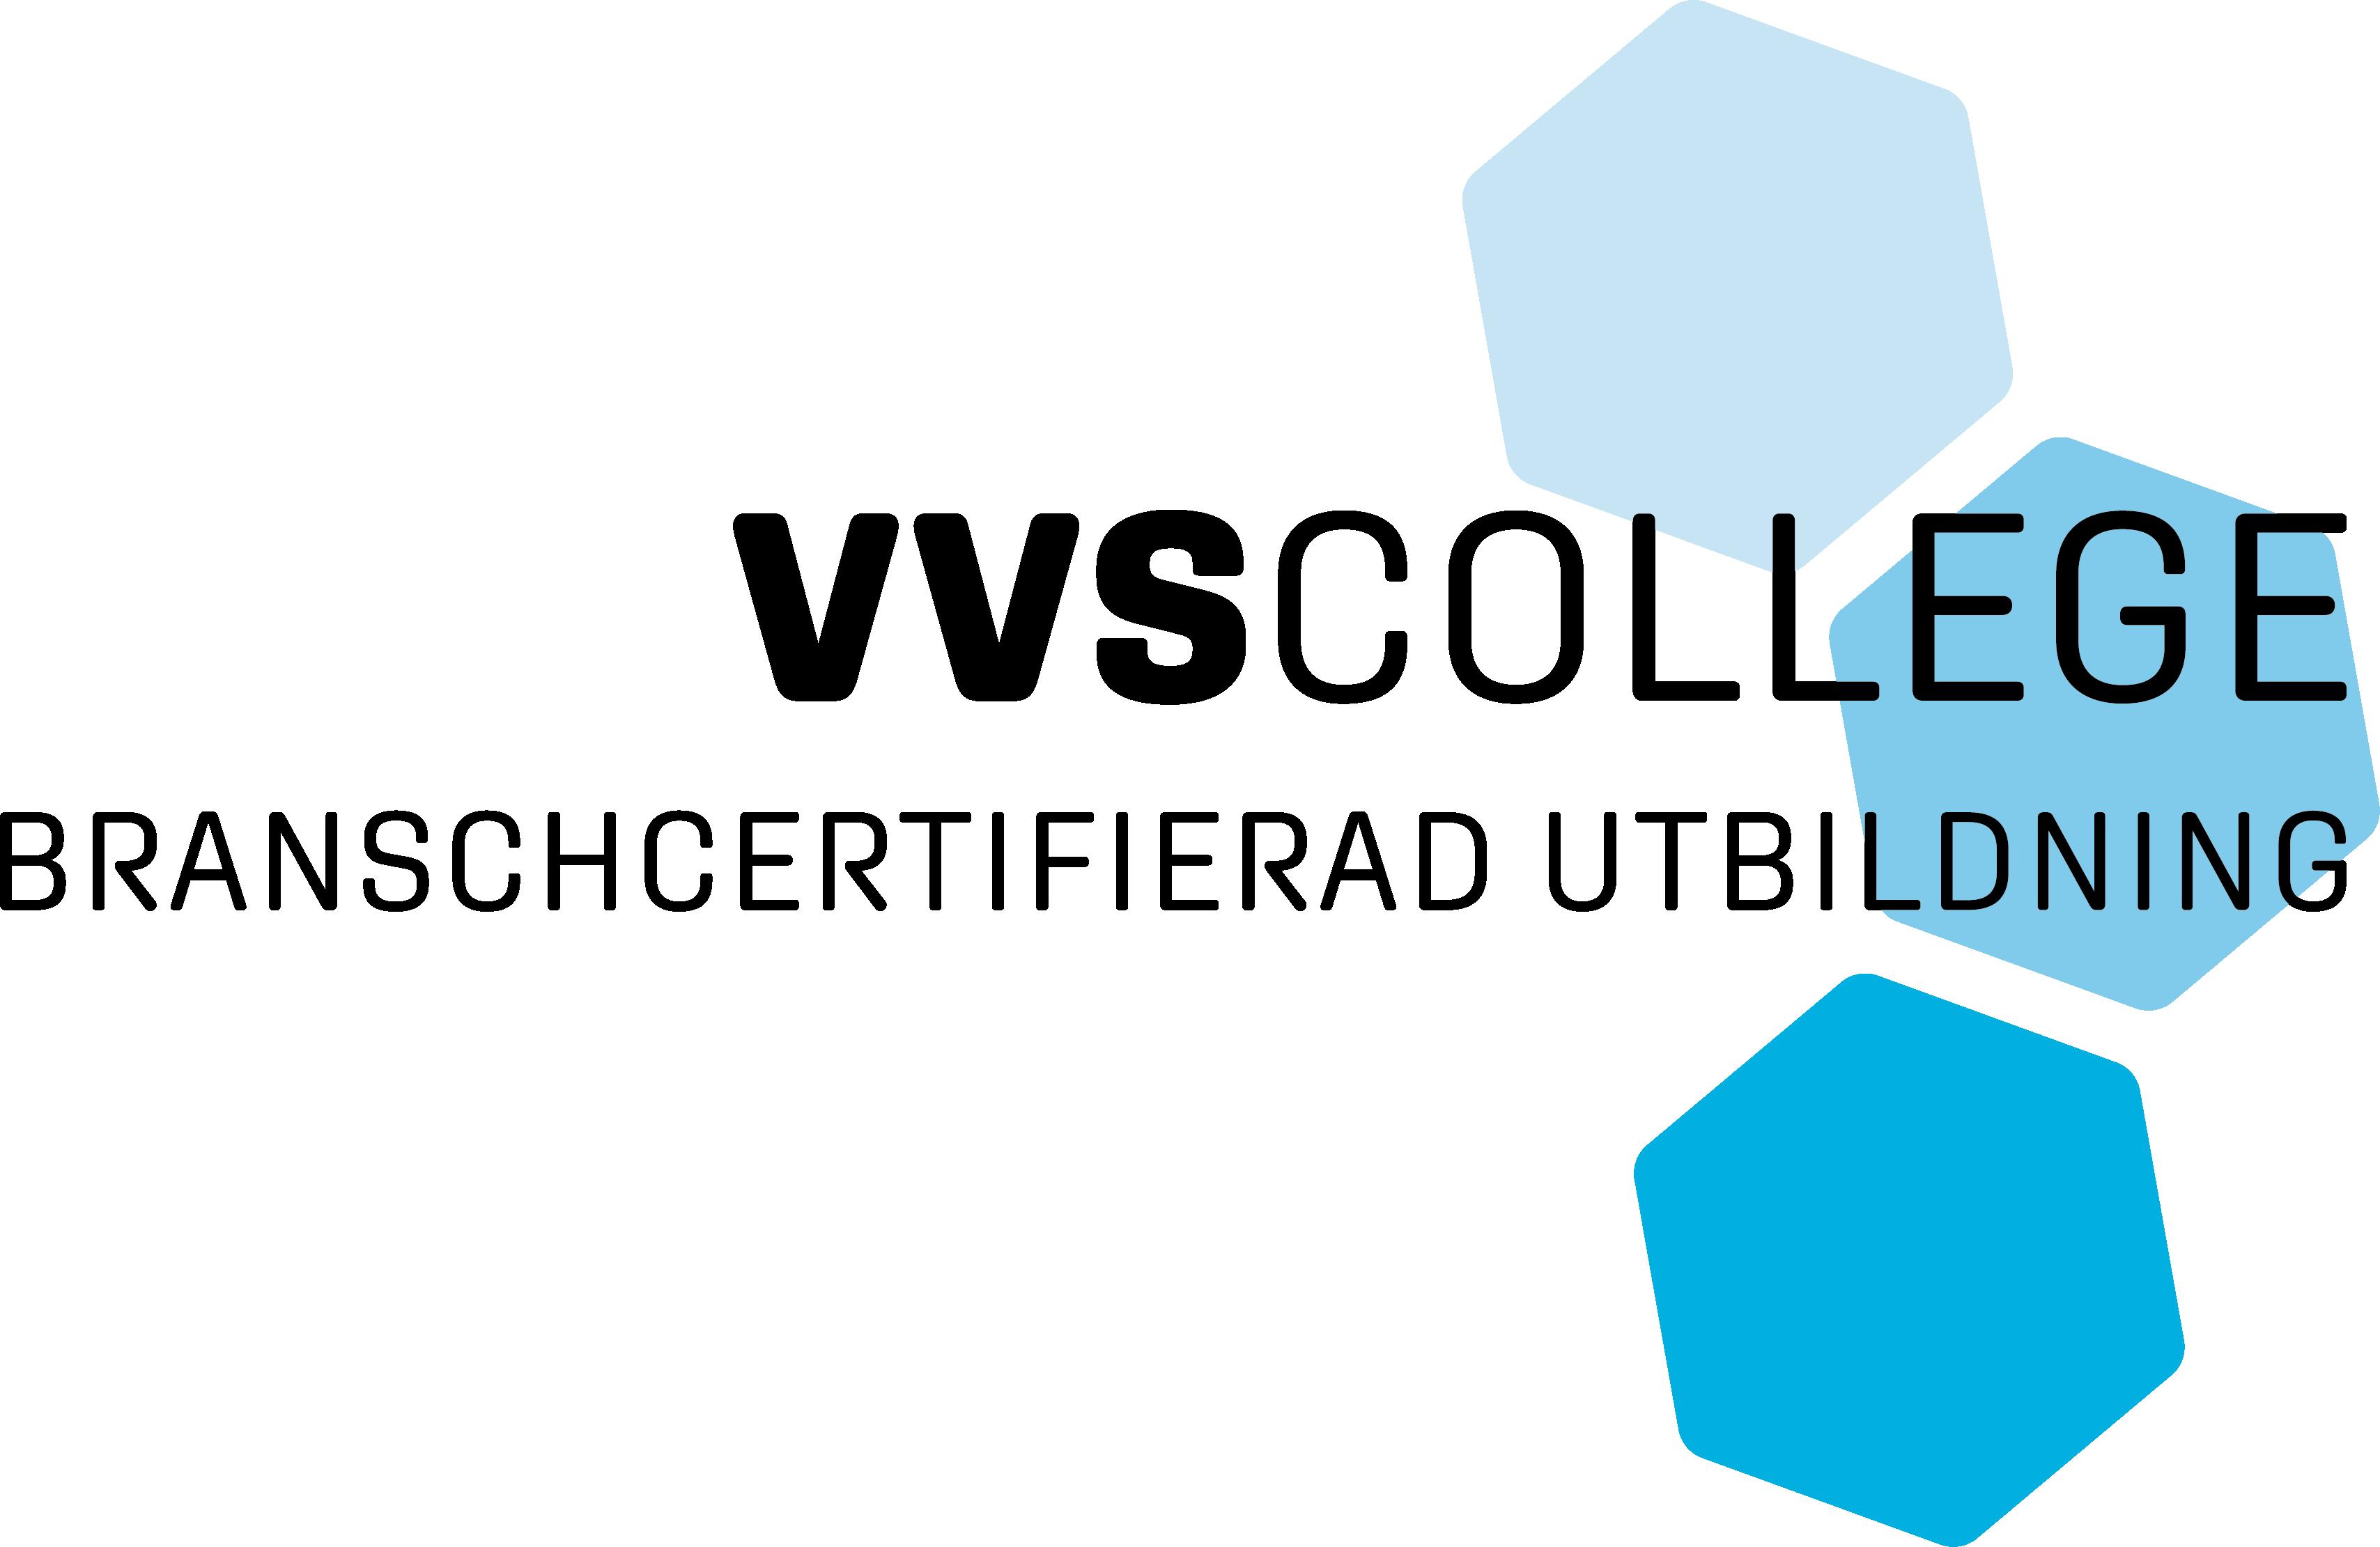 VVS college logo